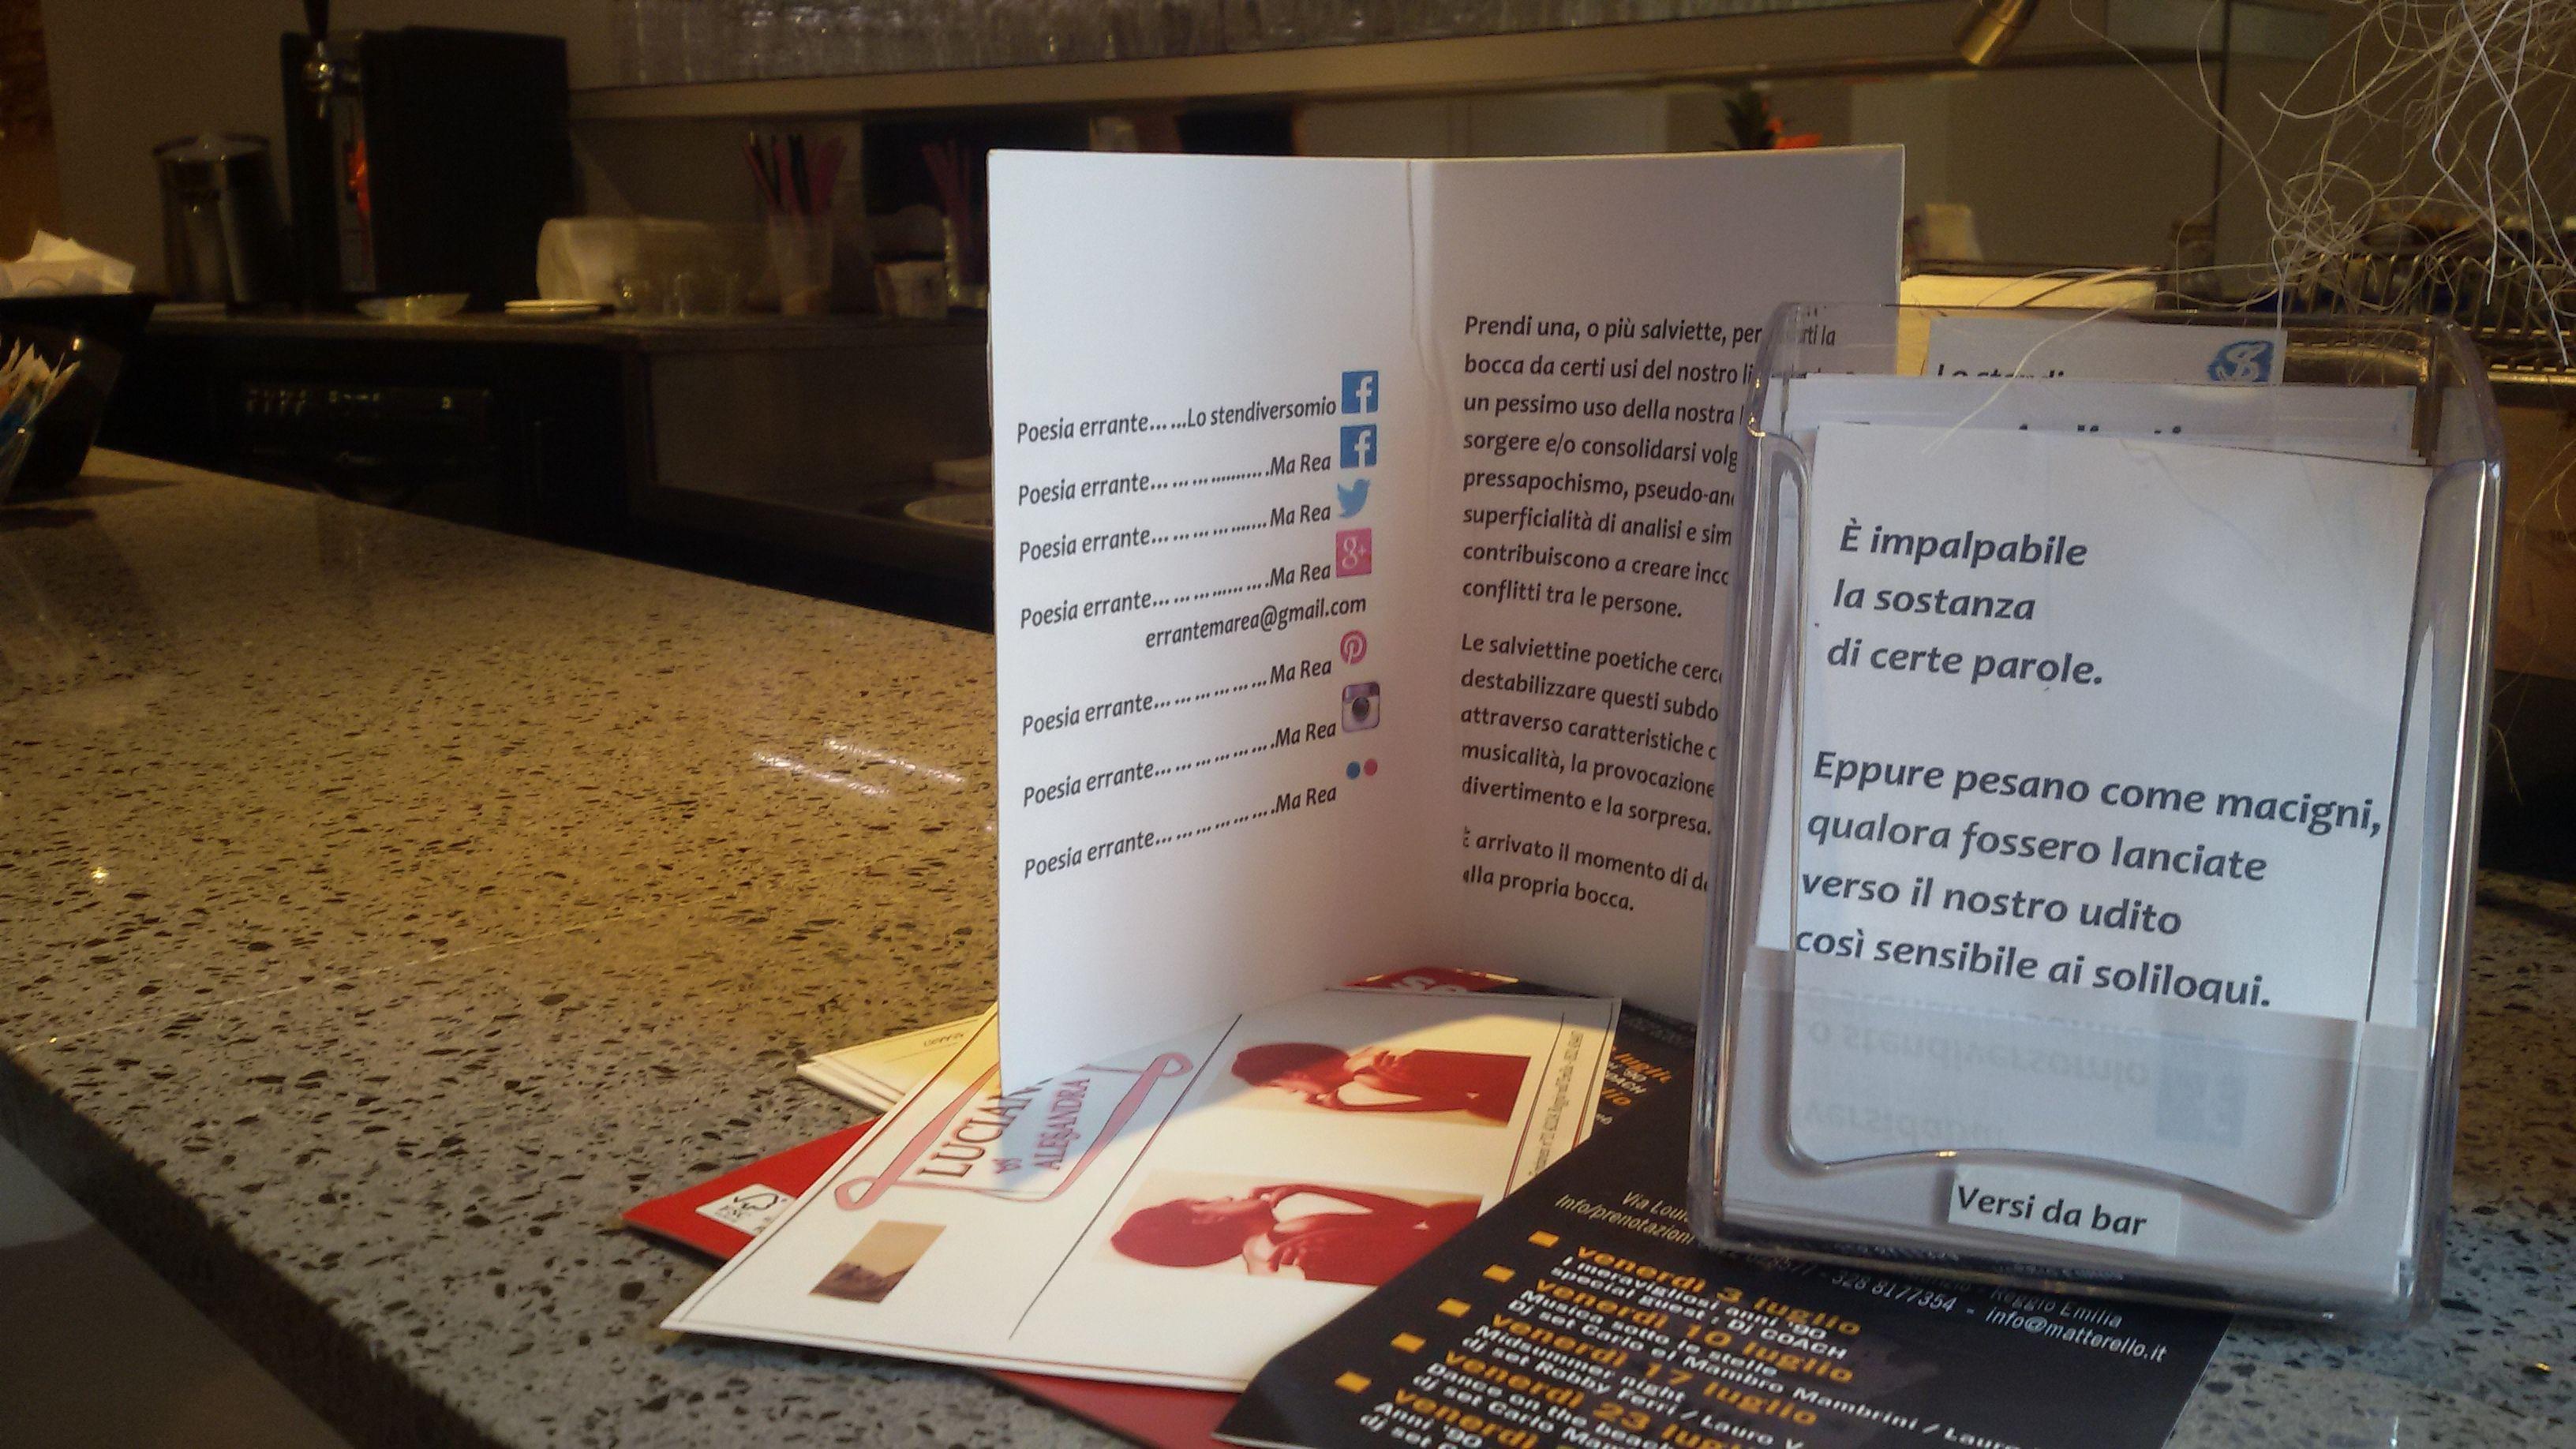 Nuovi versi da bar al Dolceamaro caffetteria in via Toschi, Reggio Emilia. Reggiane proposte per pulirsi la bocca.  #versidabar  Ma Rea